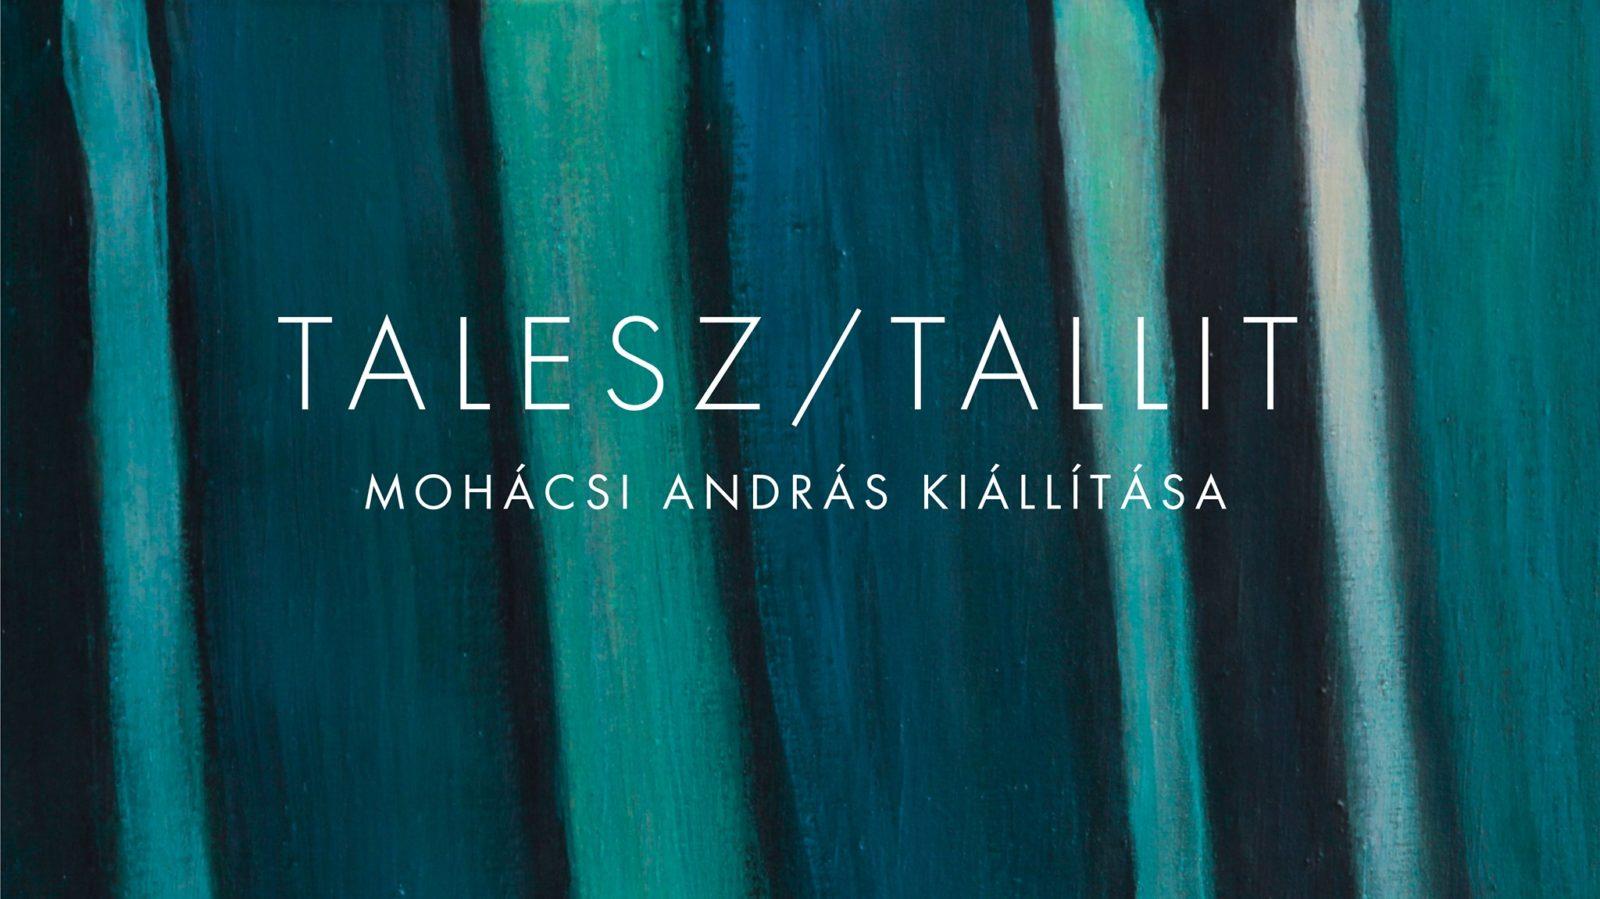 Talesz / Tallit